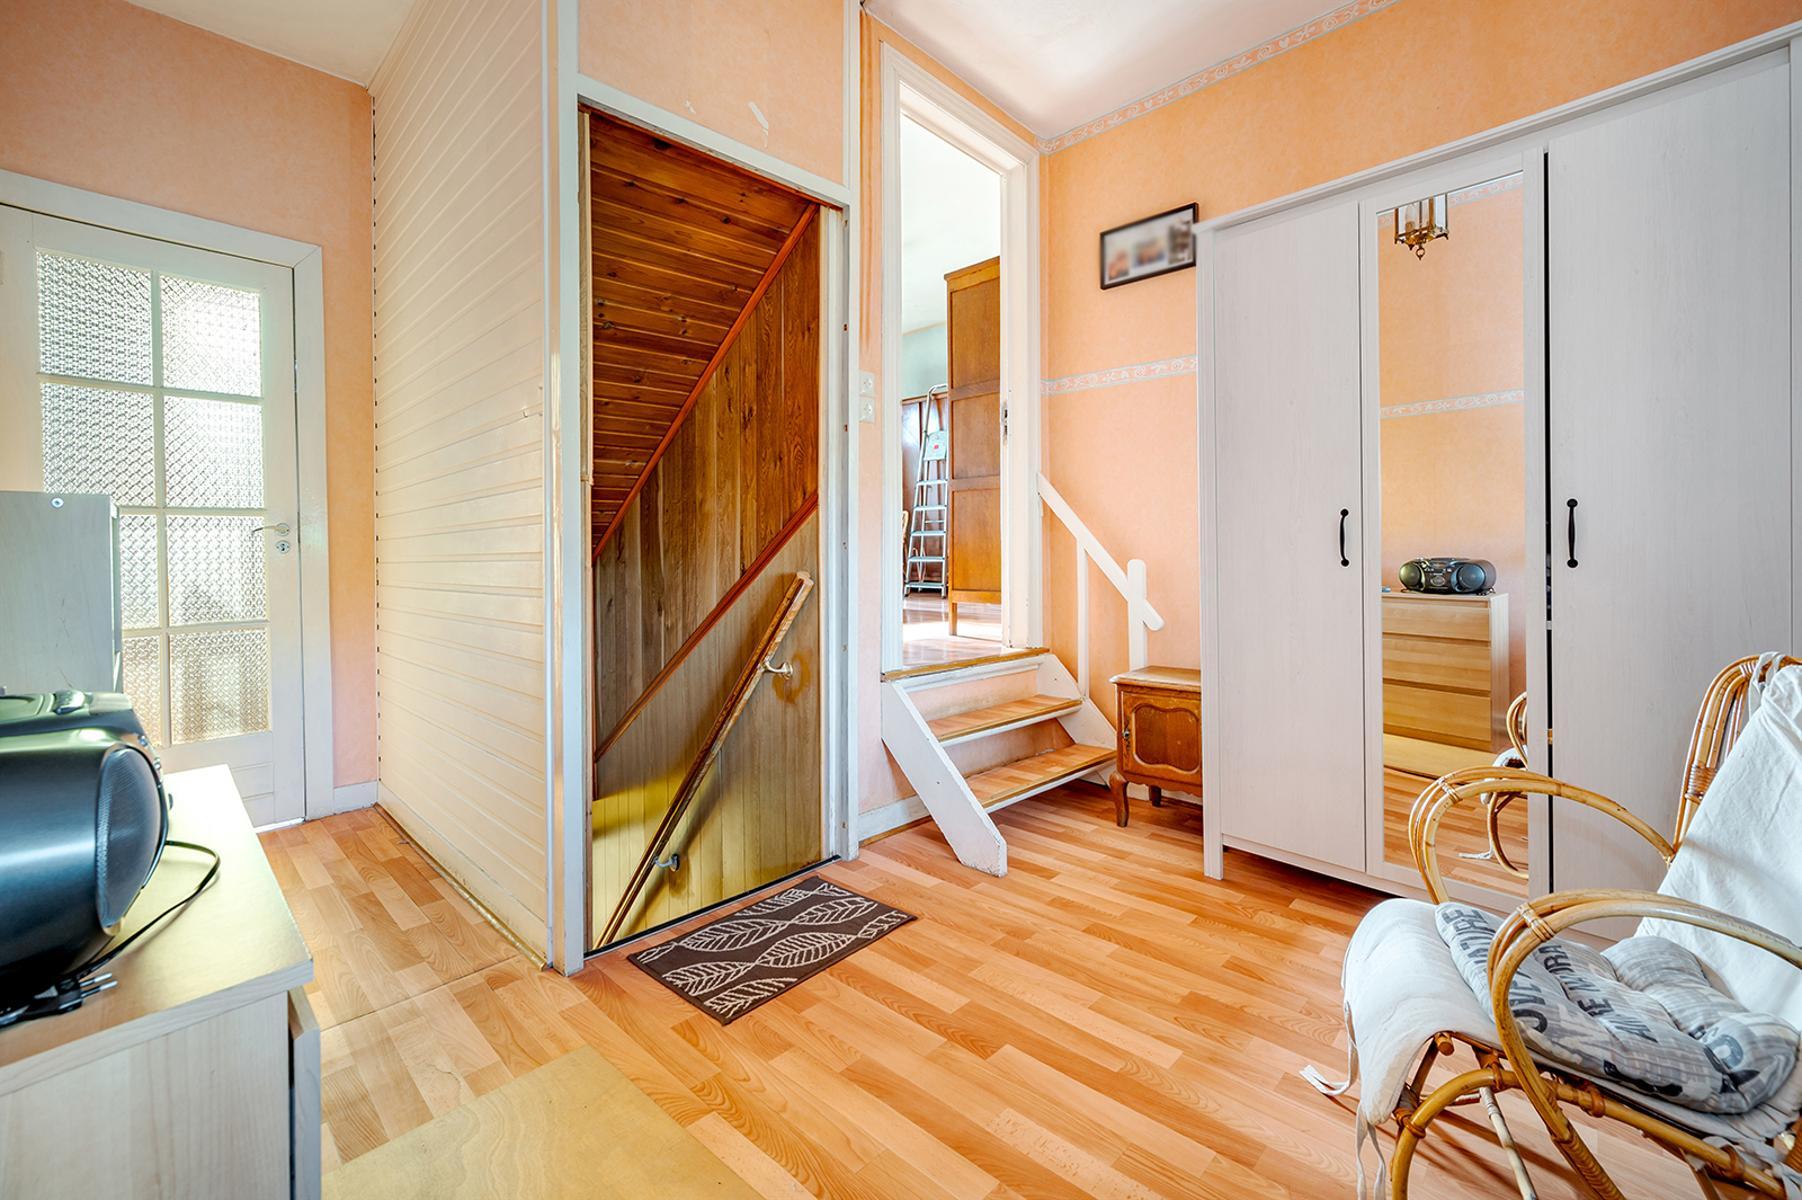 Maison - Braives Villeen-Hesbaye - #4496111-12